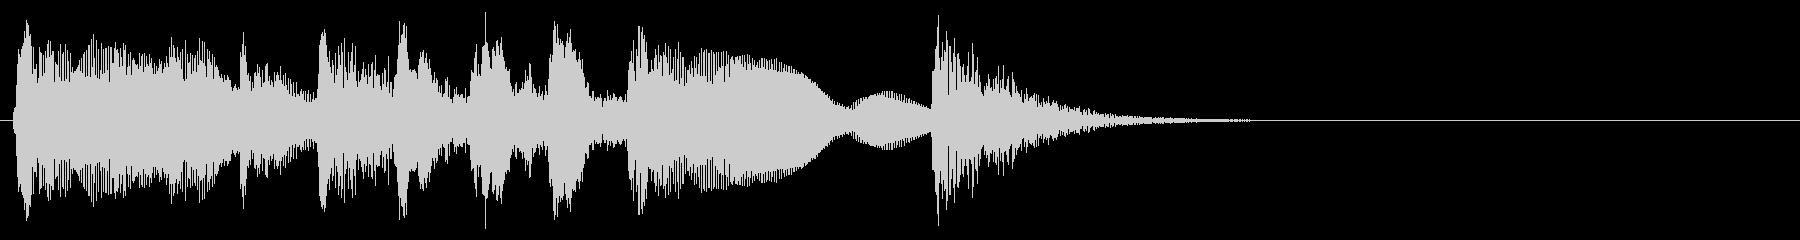 ジングル 2/7 ピッチカート かわいいの未再生の波形